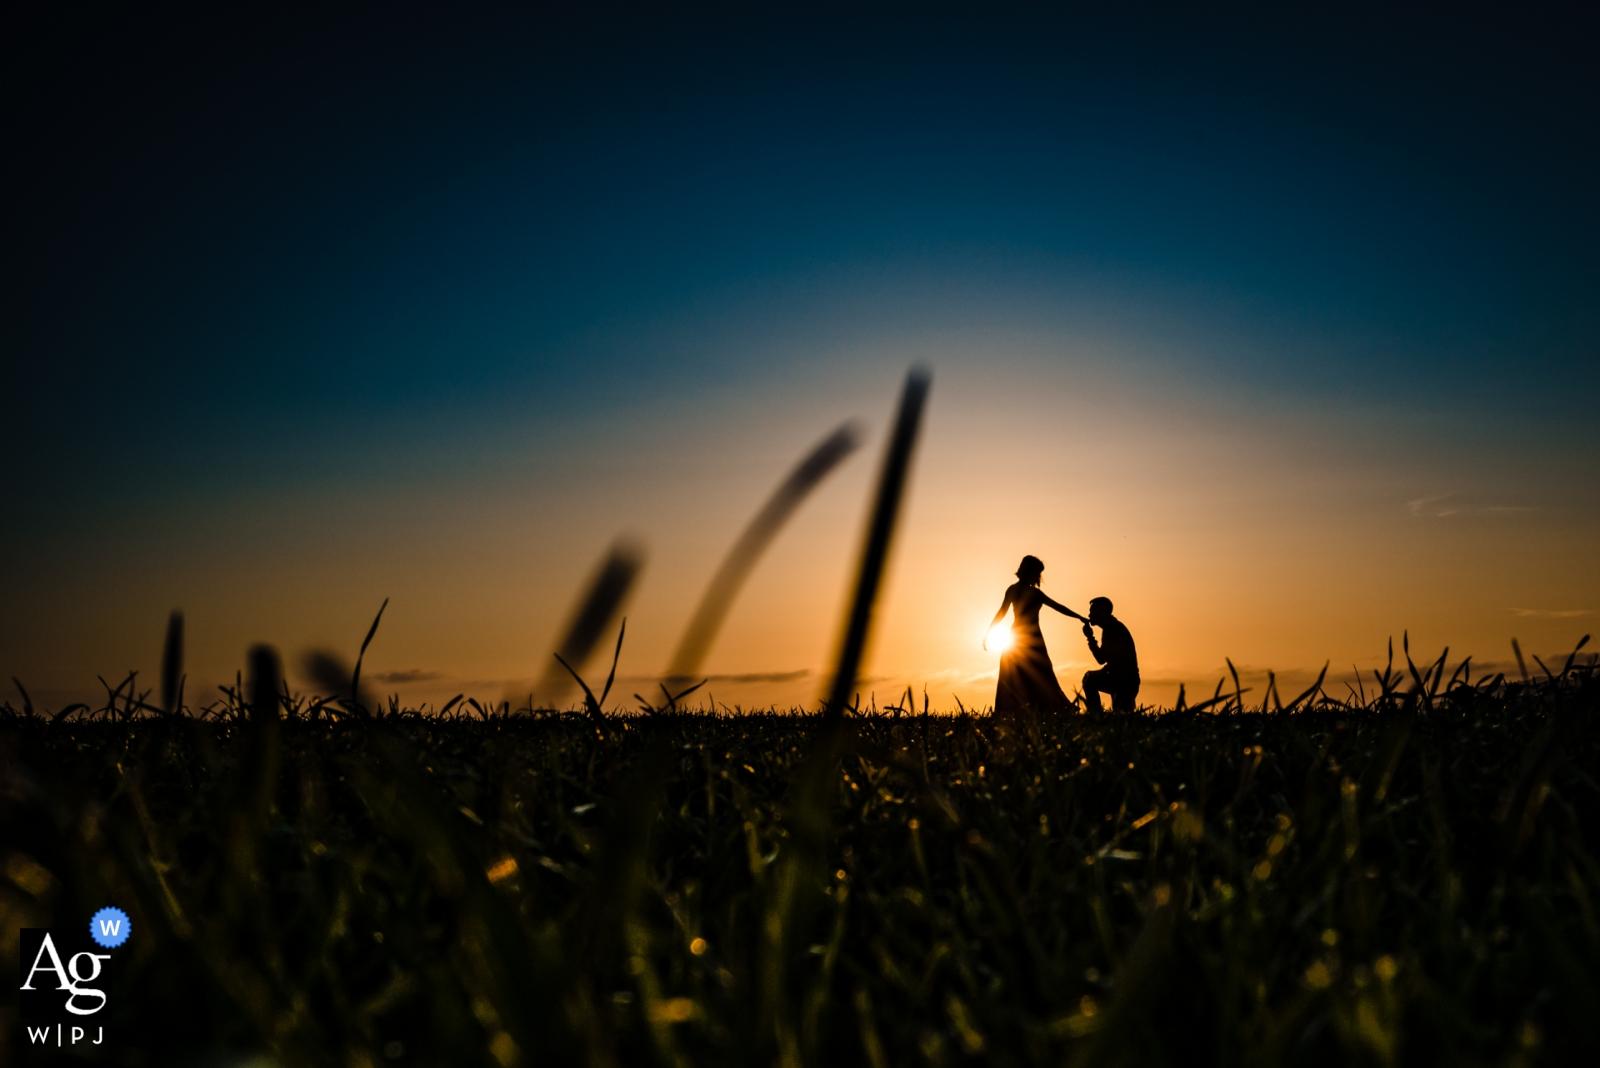 Garden Grove, CA Photographe portrait du jour du mariage la mariée et le marié dans le champ